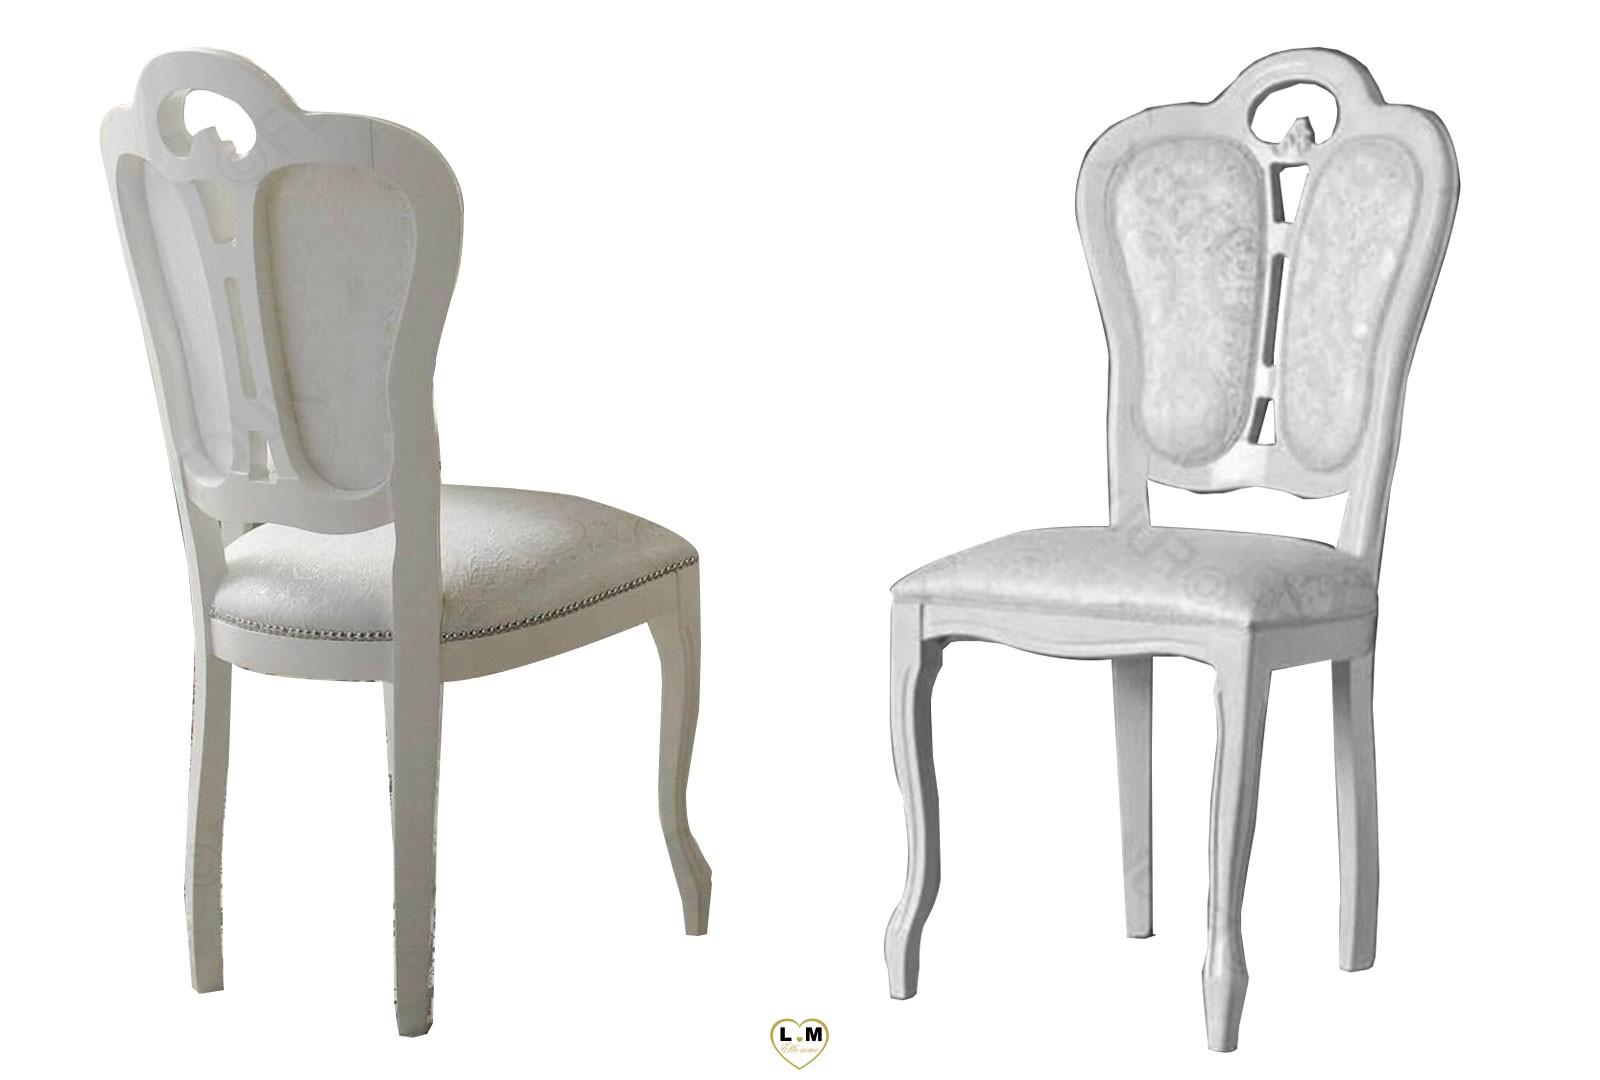 garbo laque blanc et argent salle a manger baroque la chaise tissus lignemeuble com. Black Bedroom Furniture Sets. Home Design Ideas